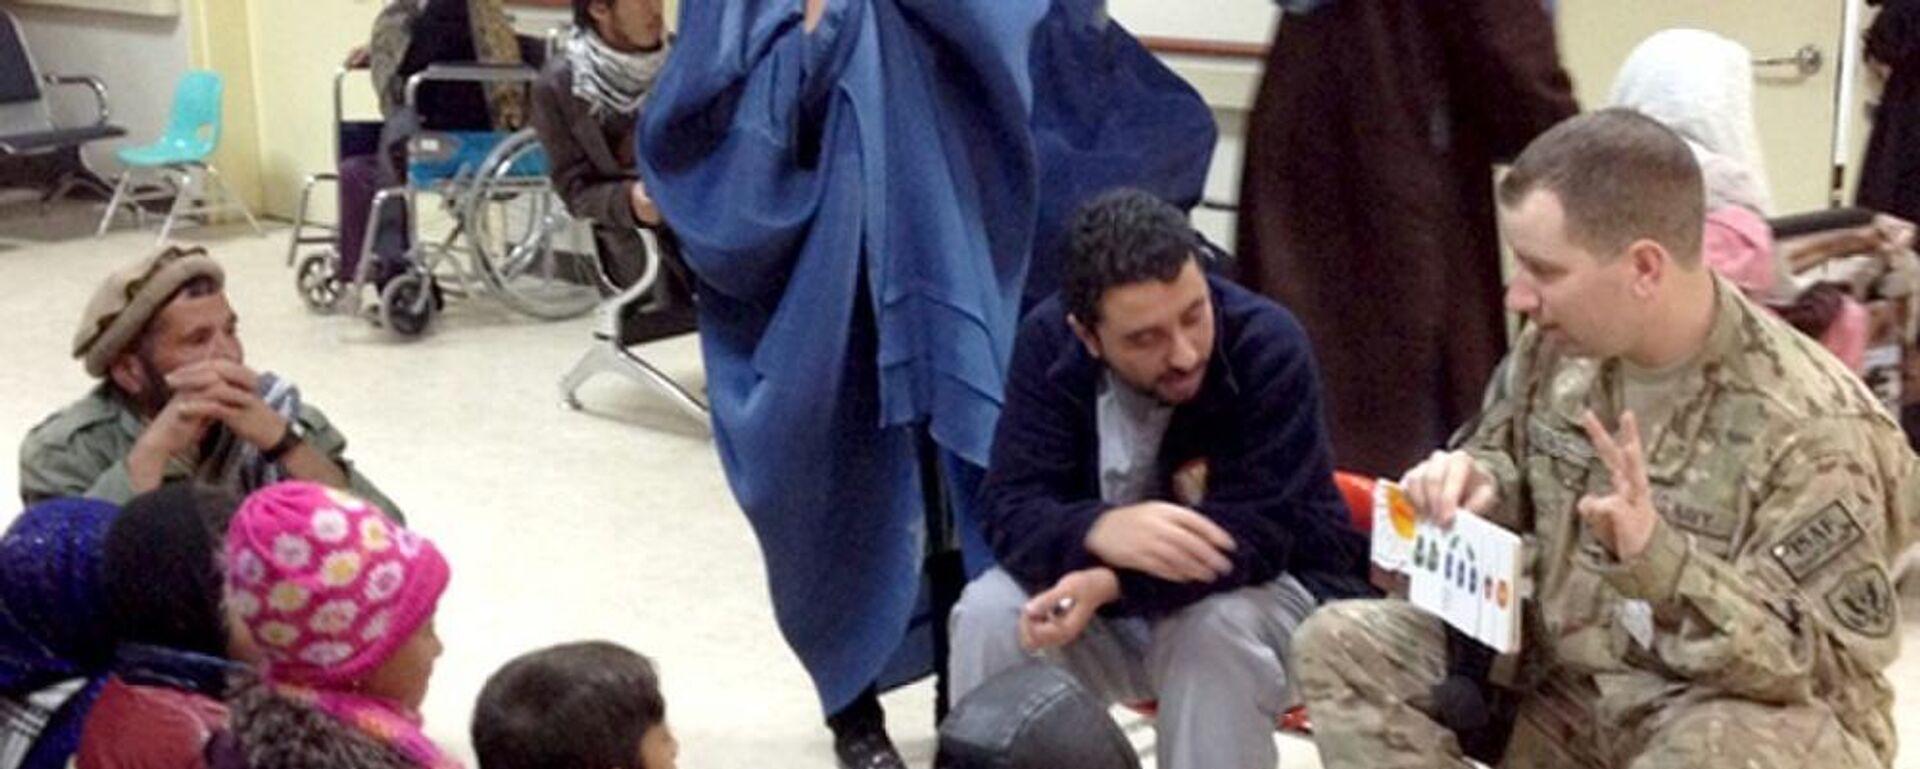 Dolmetscher und US-Offizier in einem Krankenhaus in Bagram, Afghanistan (Archiv)  - SNA, 1920, 17.07.2021